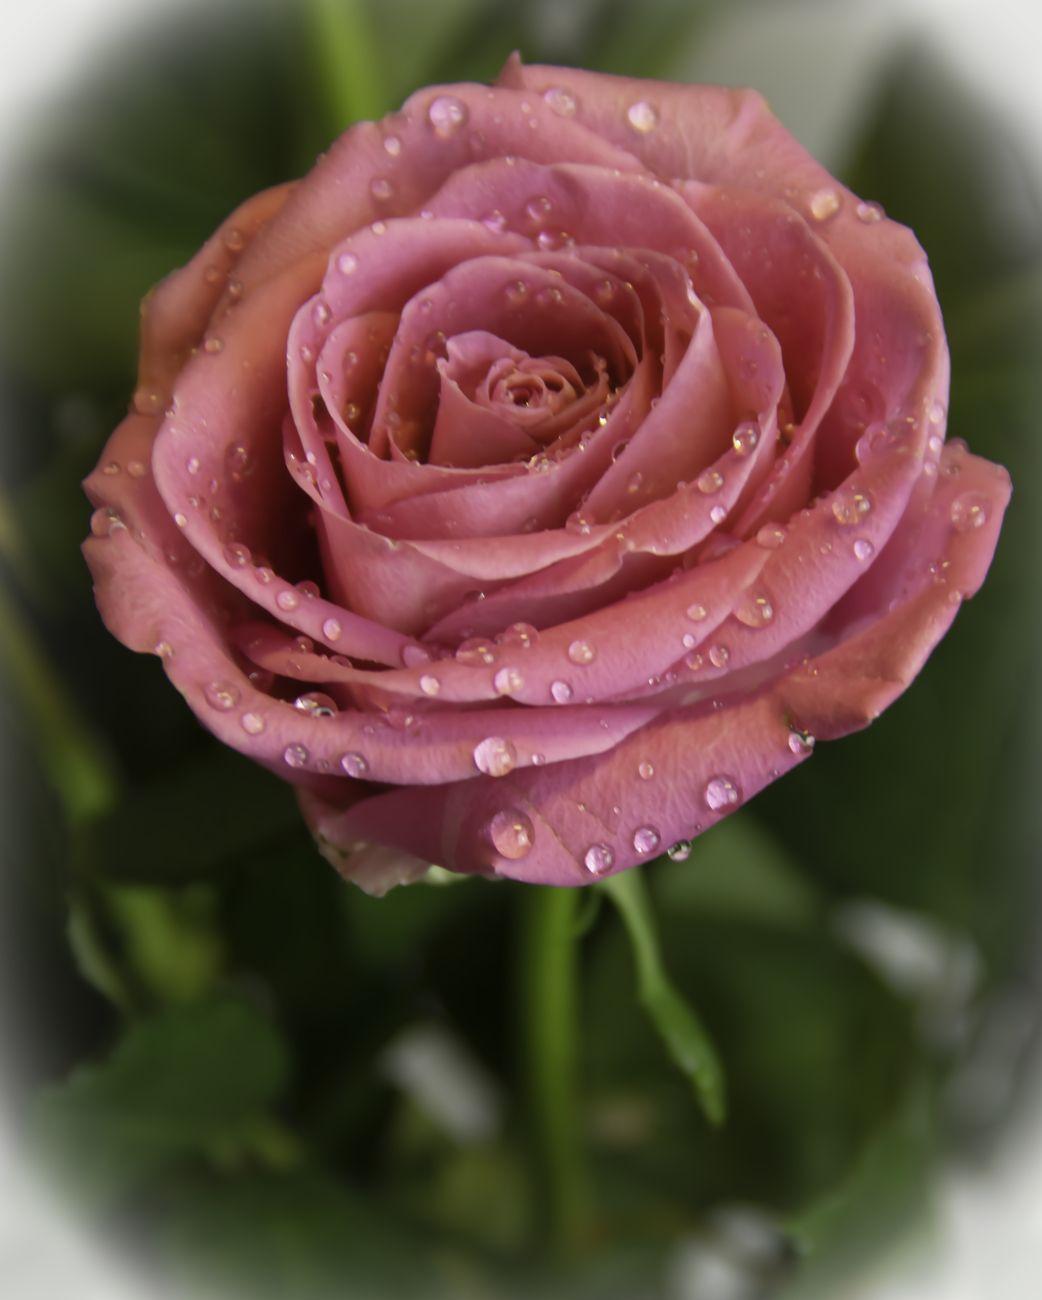 Pink rose droplets